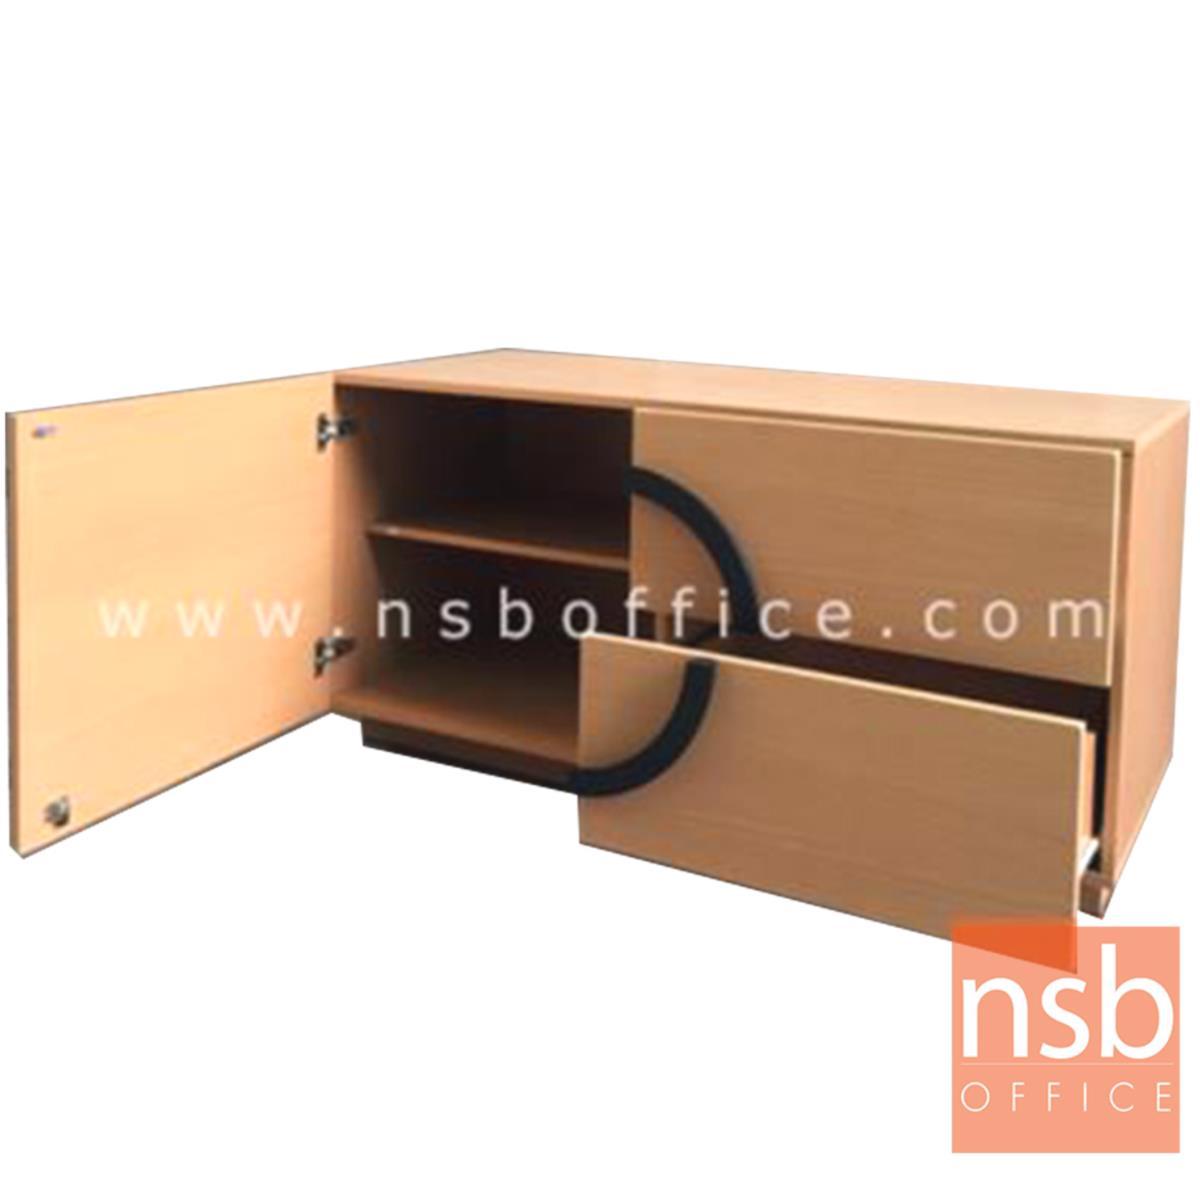 ไซด์บอร์ดวางทีวี 2 ลิ้นชัก+1 บานเปิด  ขนาด 121W*60H cm.